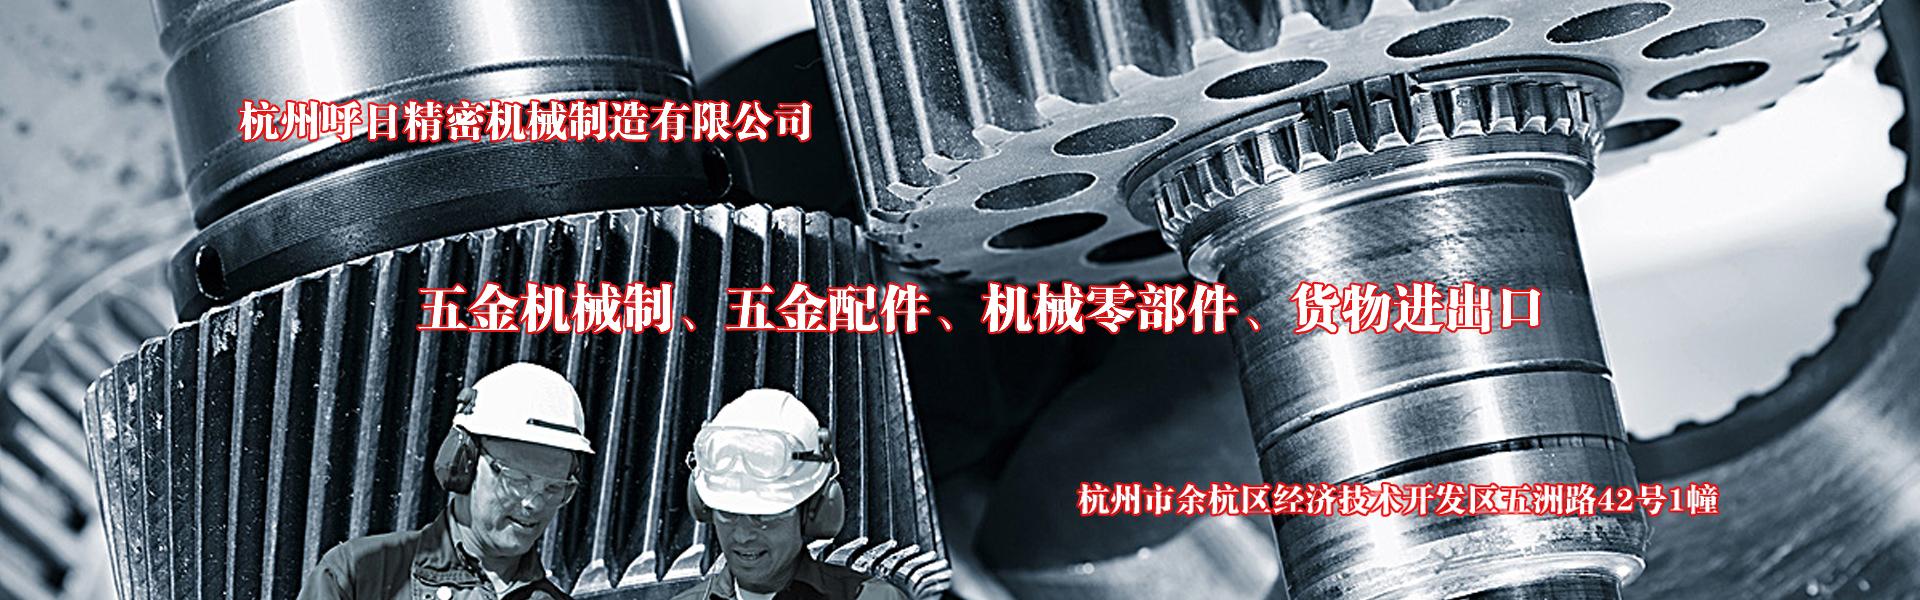 杭州机械零部件